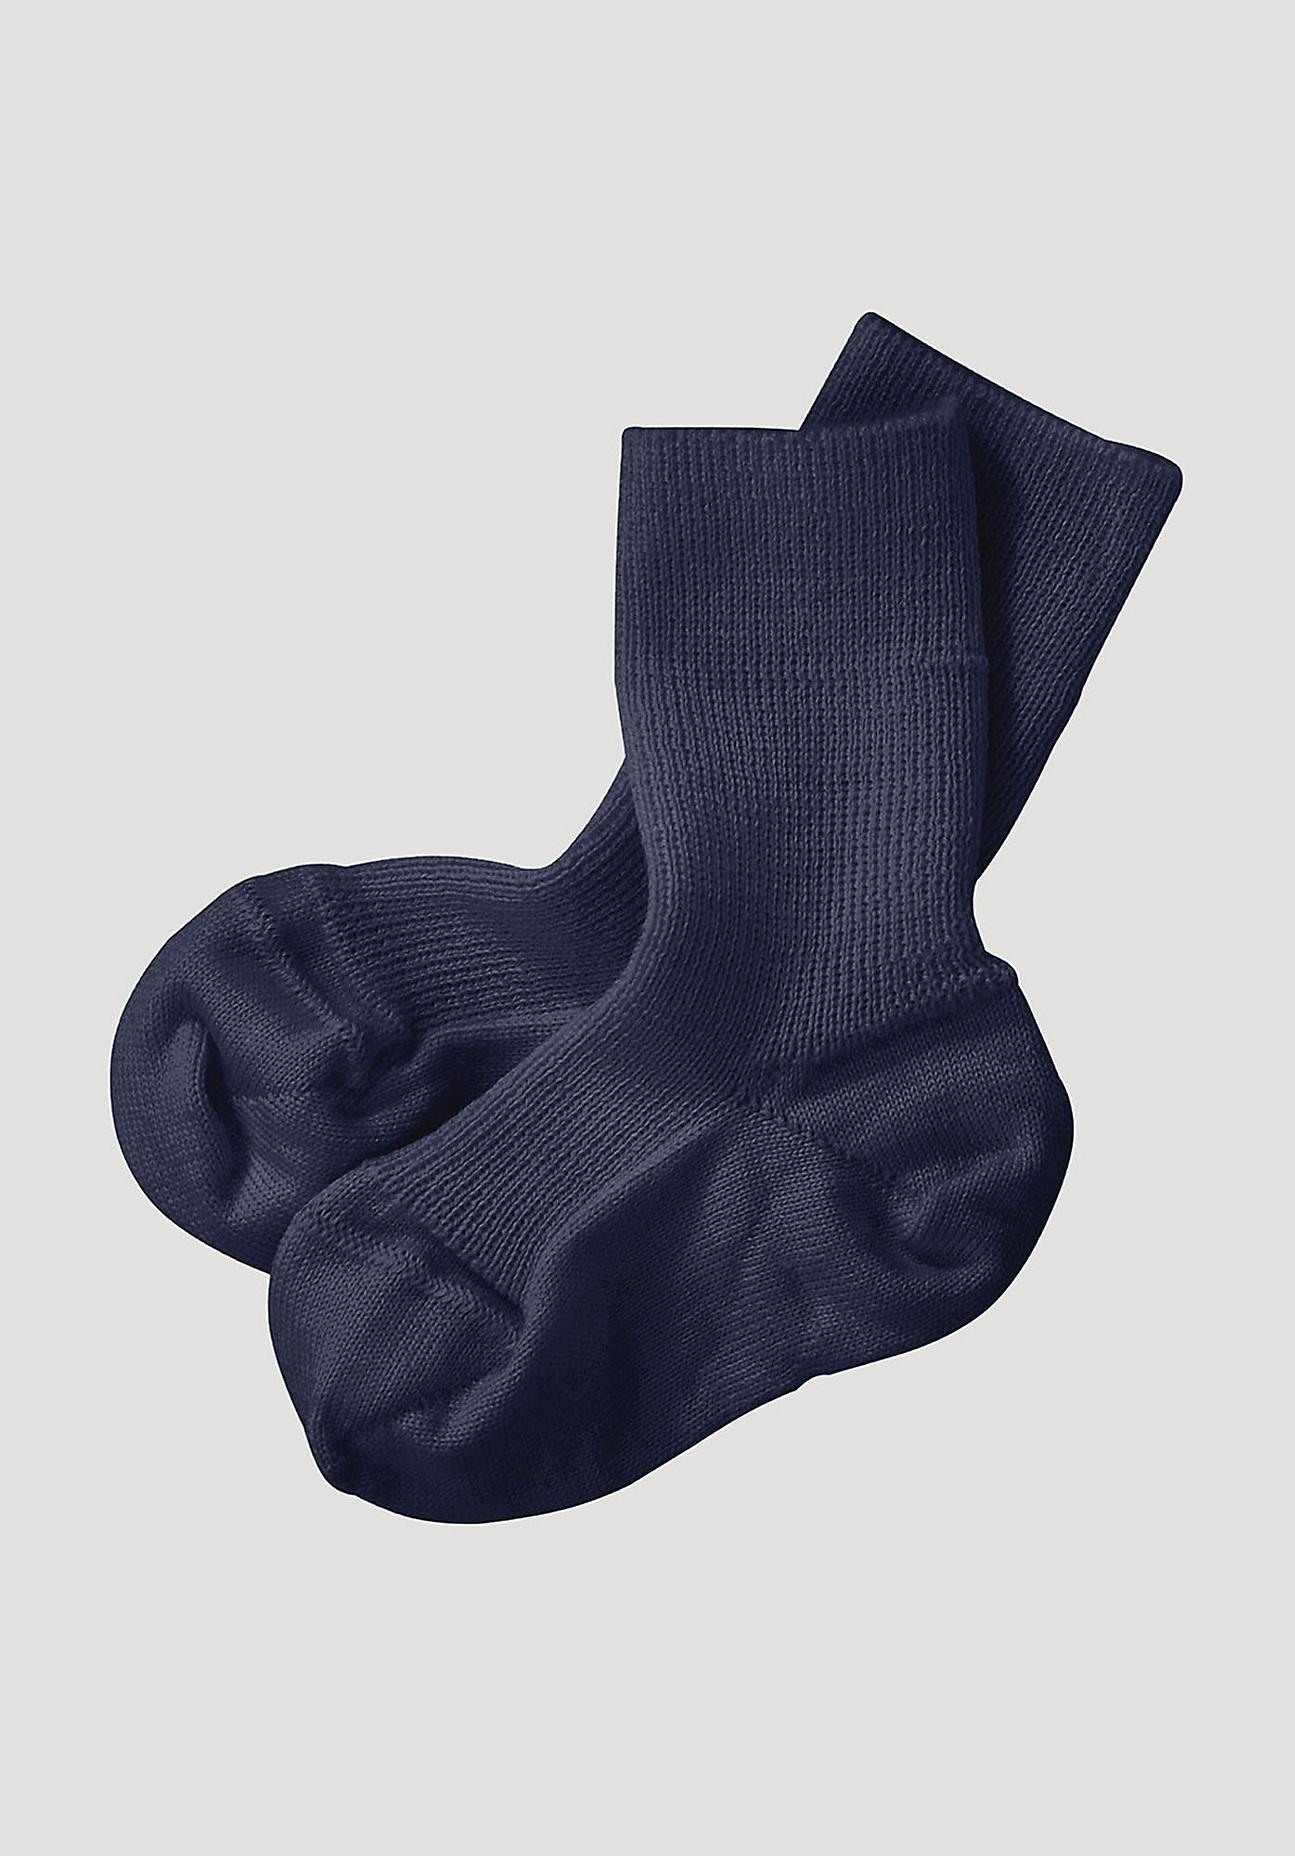 hessnatur Baby Socke aus Bio-Merinowolle - blau Größe 17-18